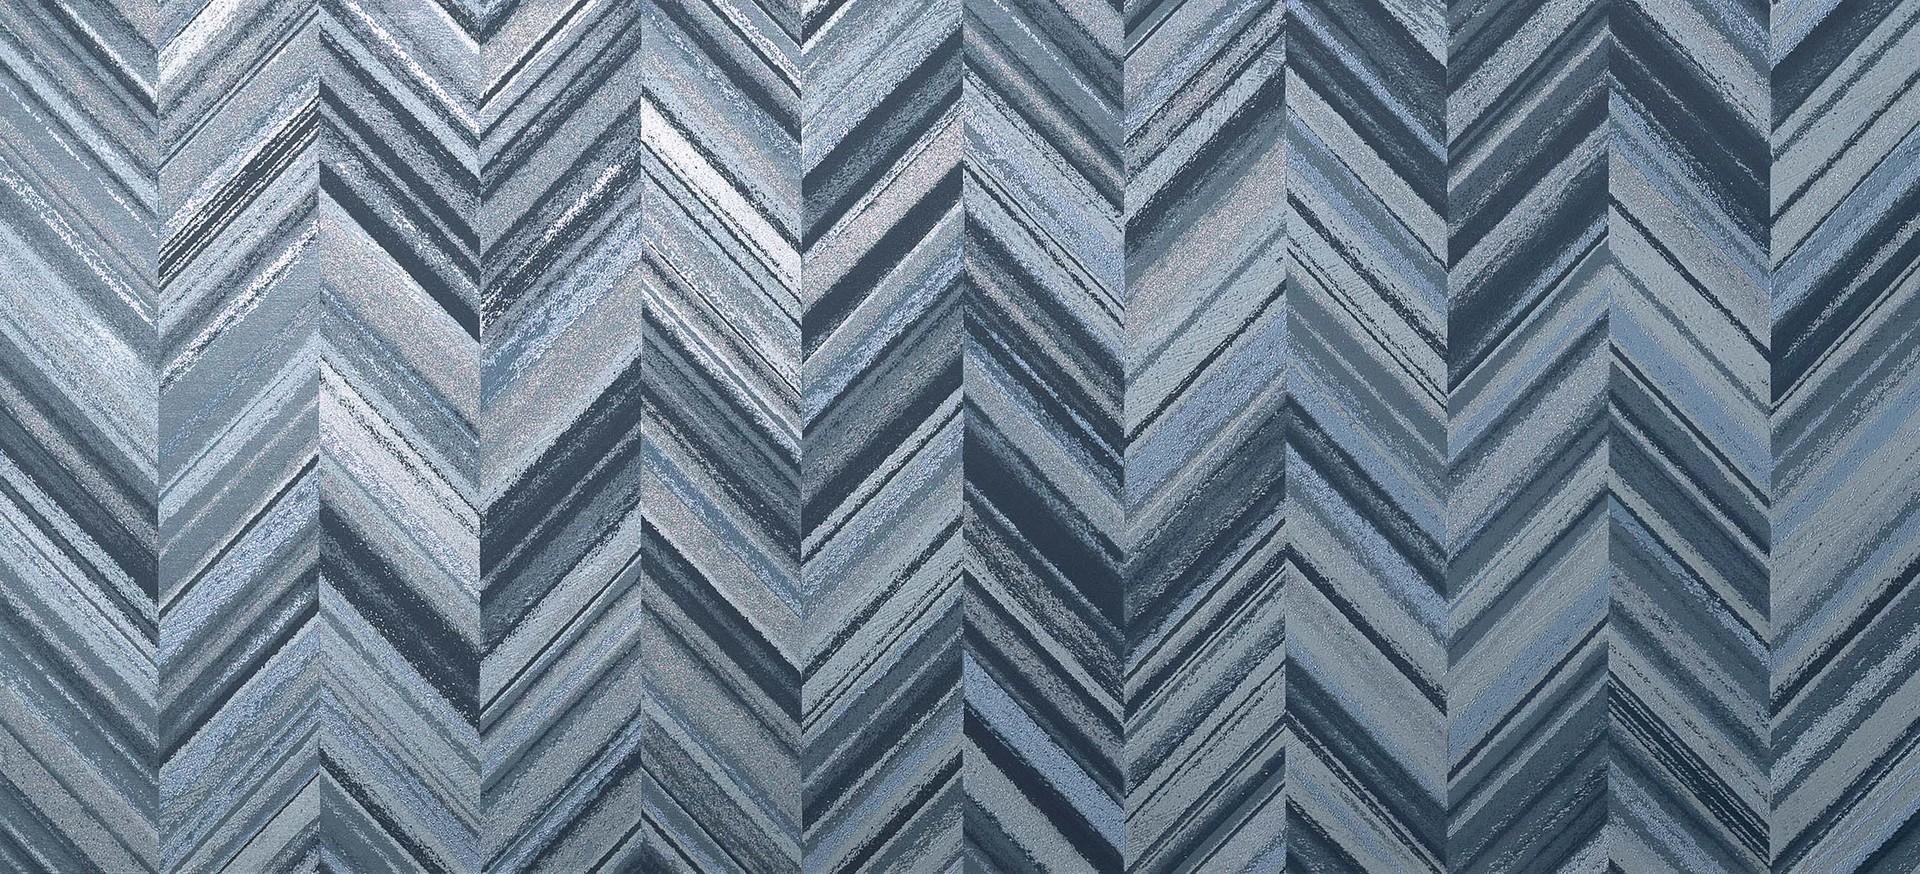 Купить Керамическая плитка Atlas Concorde MEK Blue Wallpaper 26218 декор 50х110, Италия